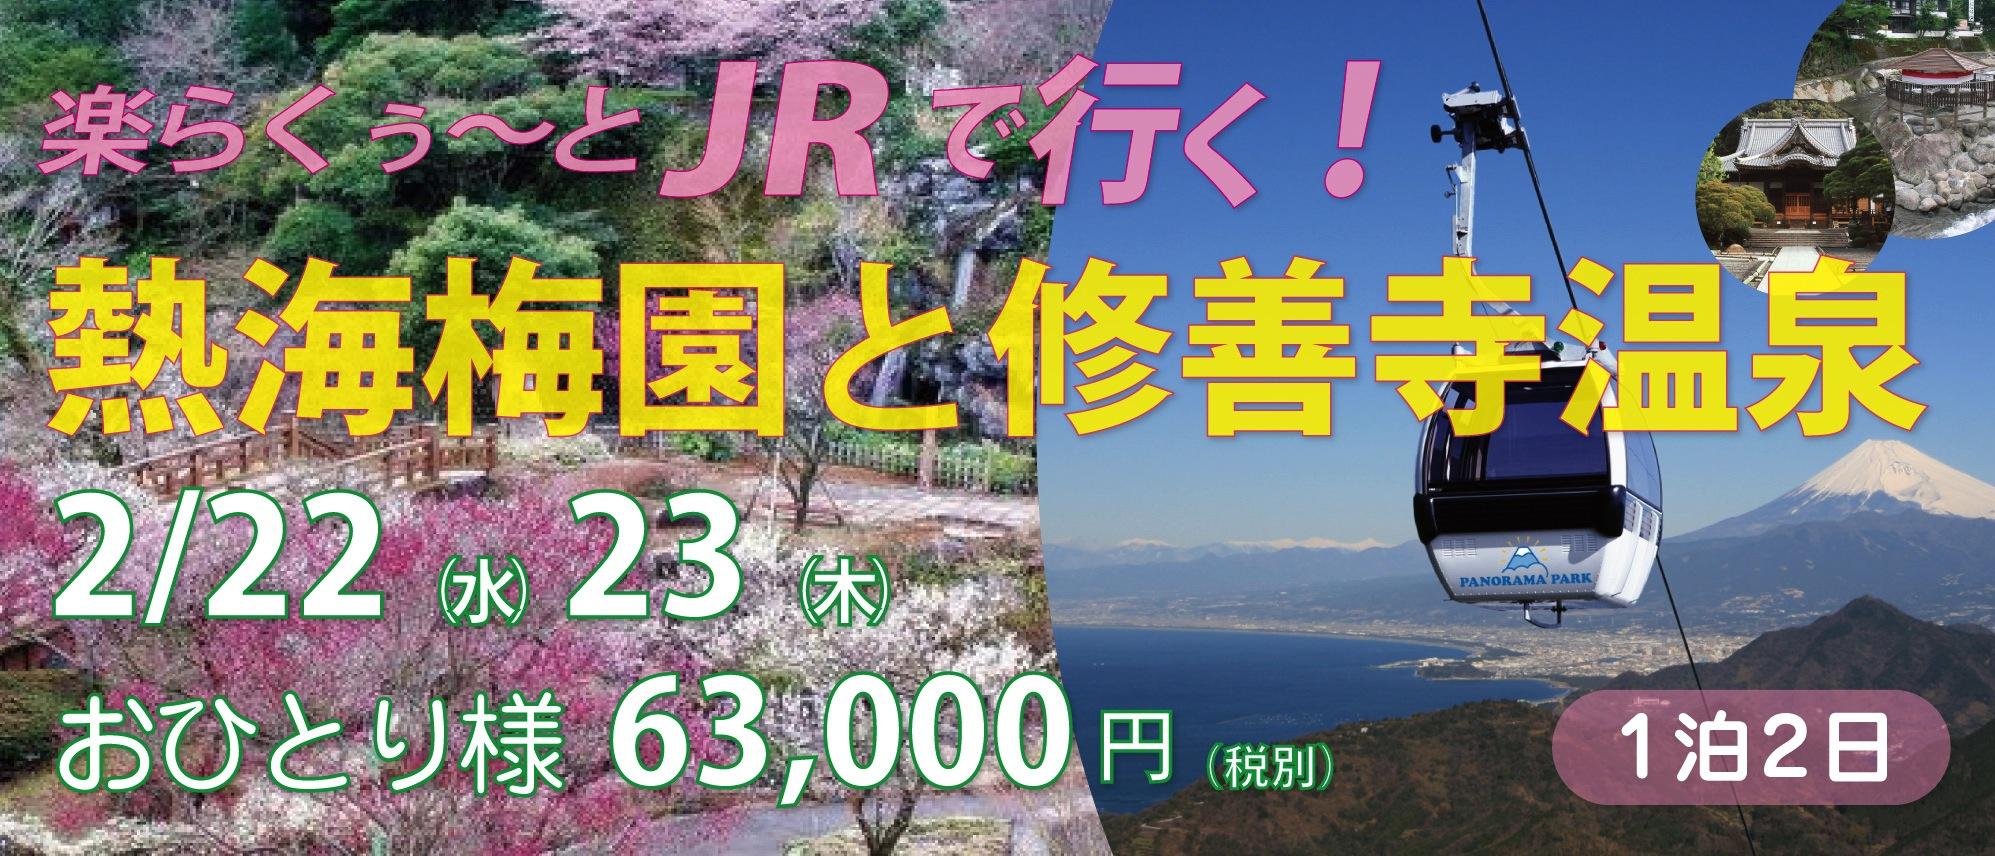 JRで行く!熱海梅園と修善寺温泉〜2/22(水)〜2/23(木)